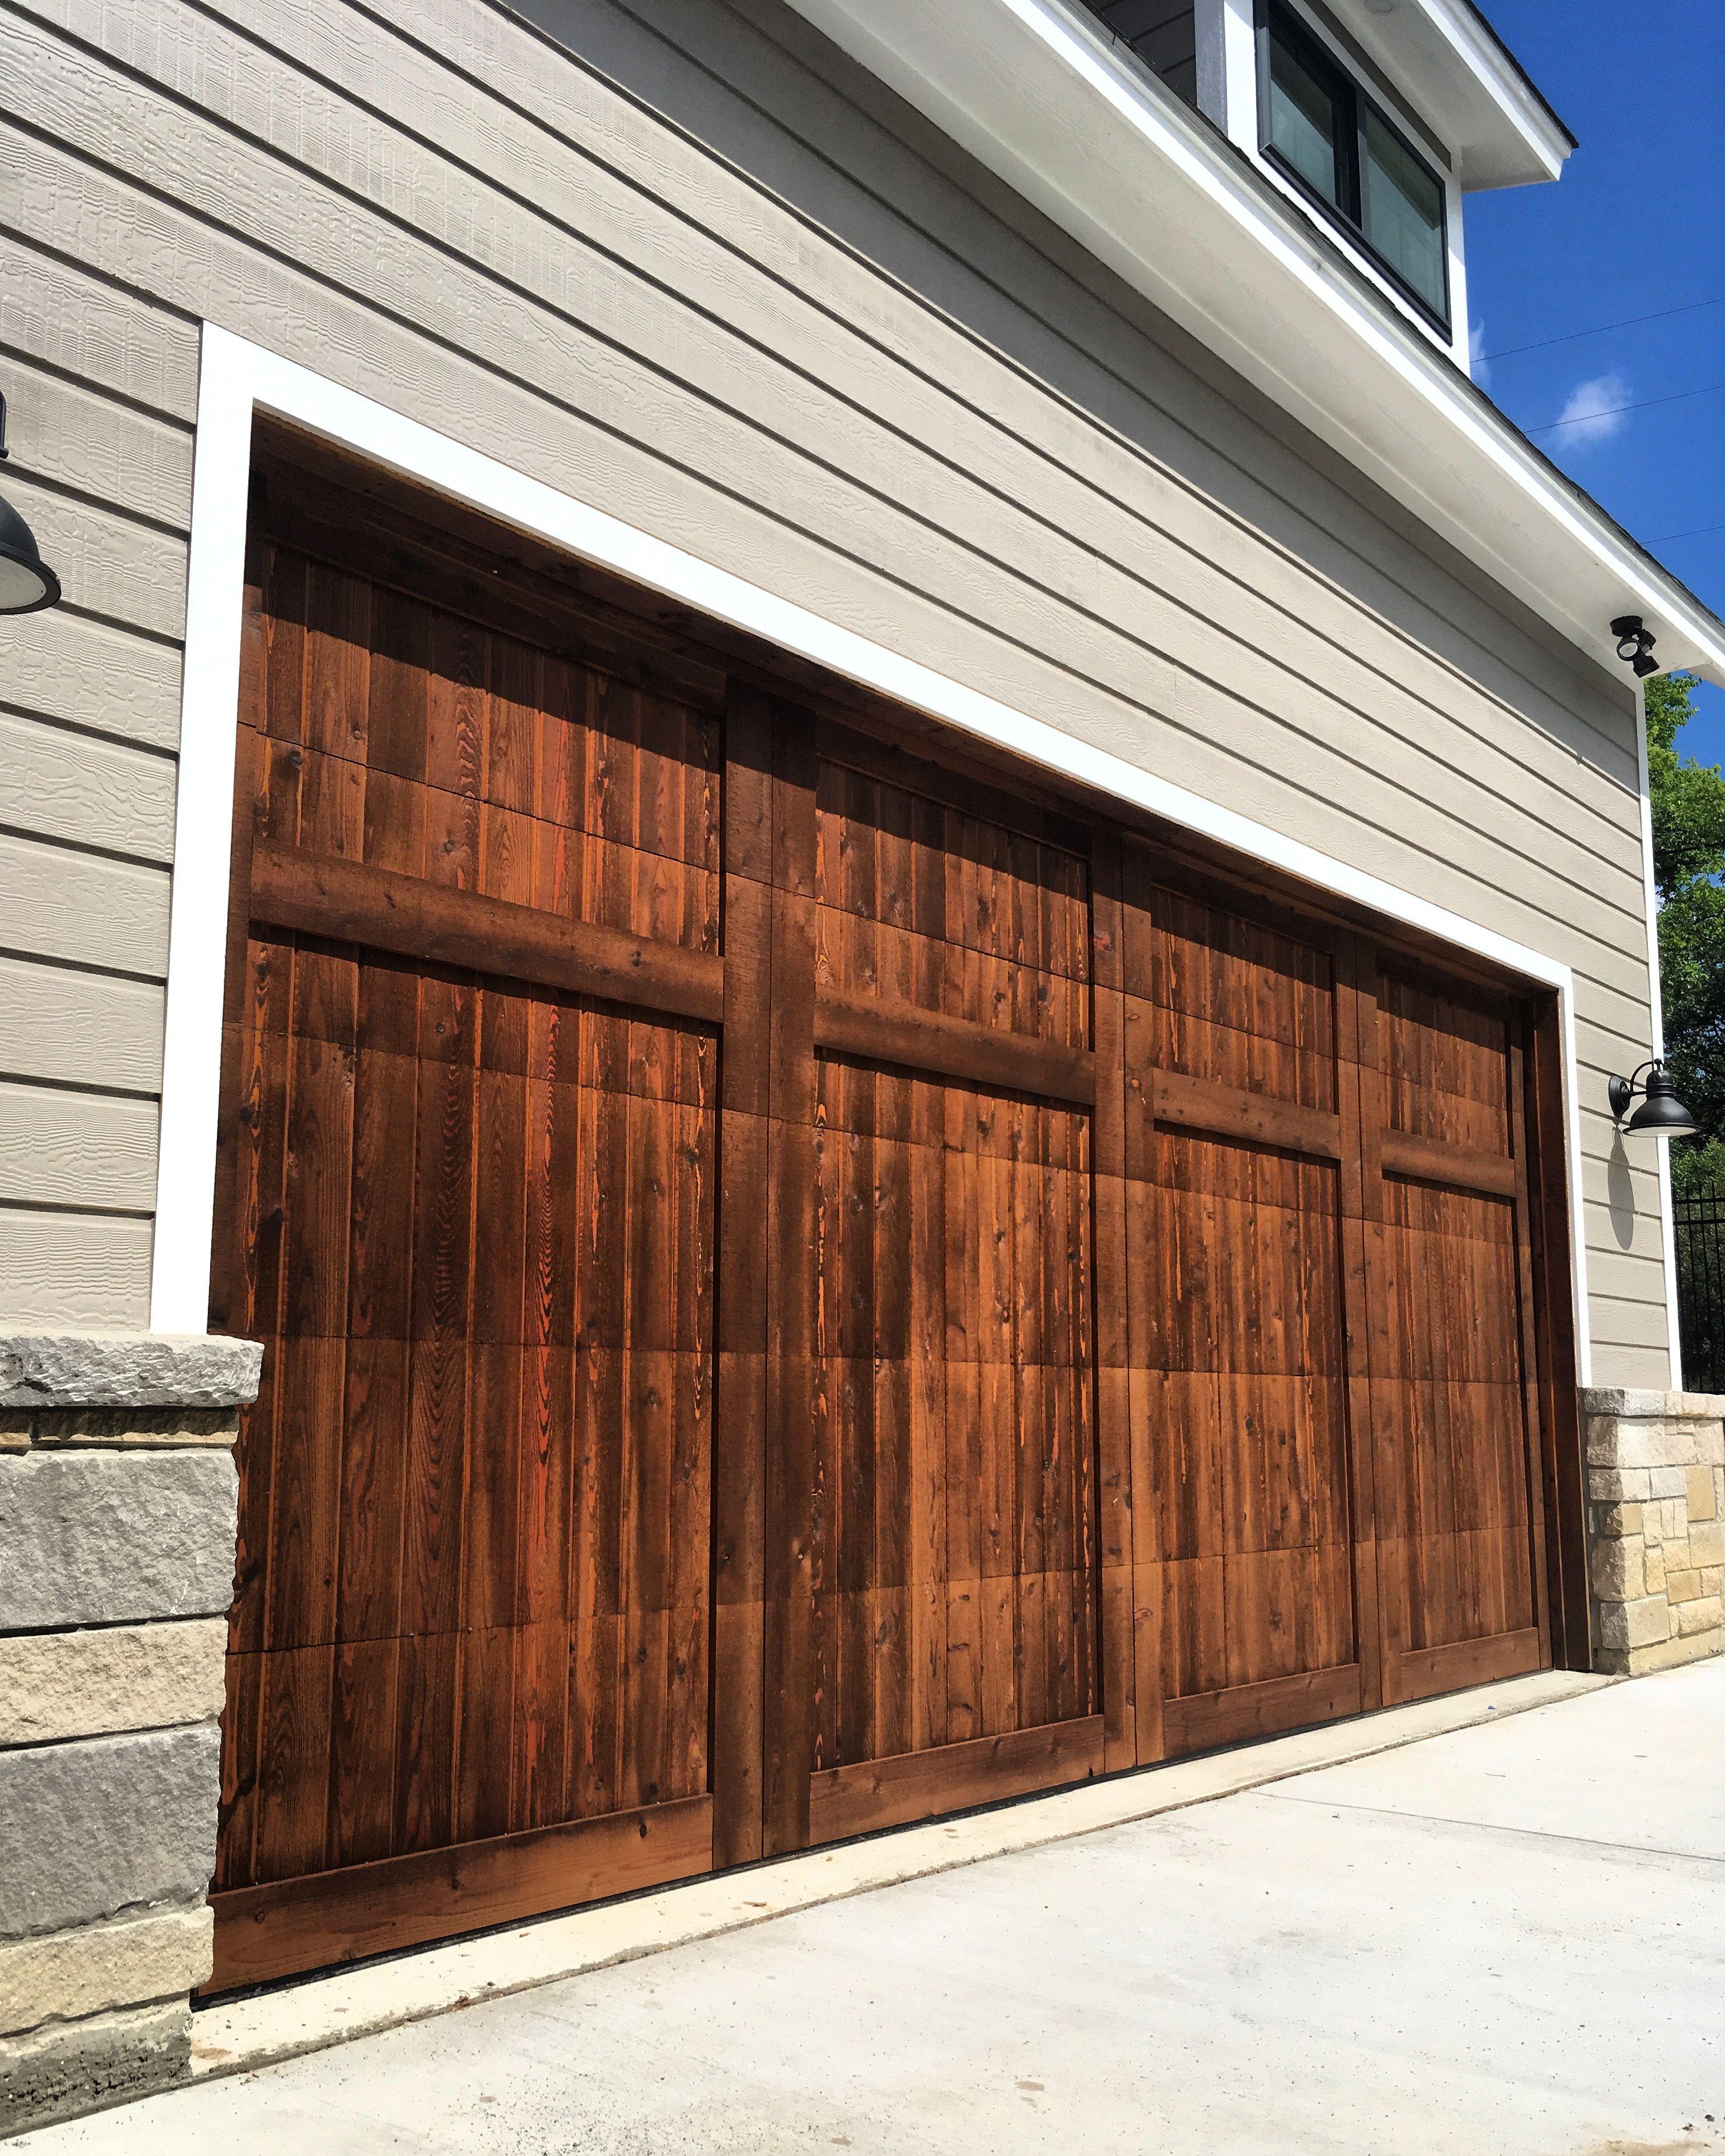 Wood Garage Door Garage Doors Garage Door Design Wood Garage Doors